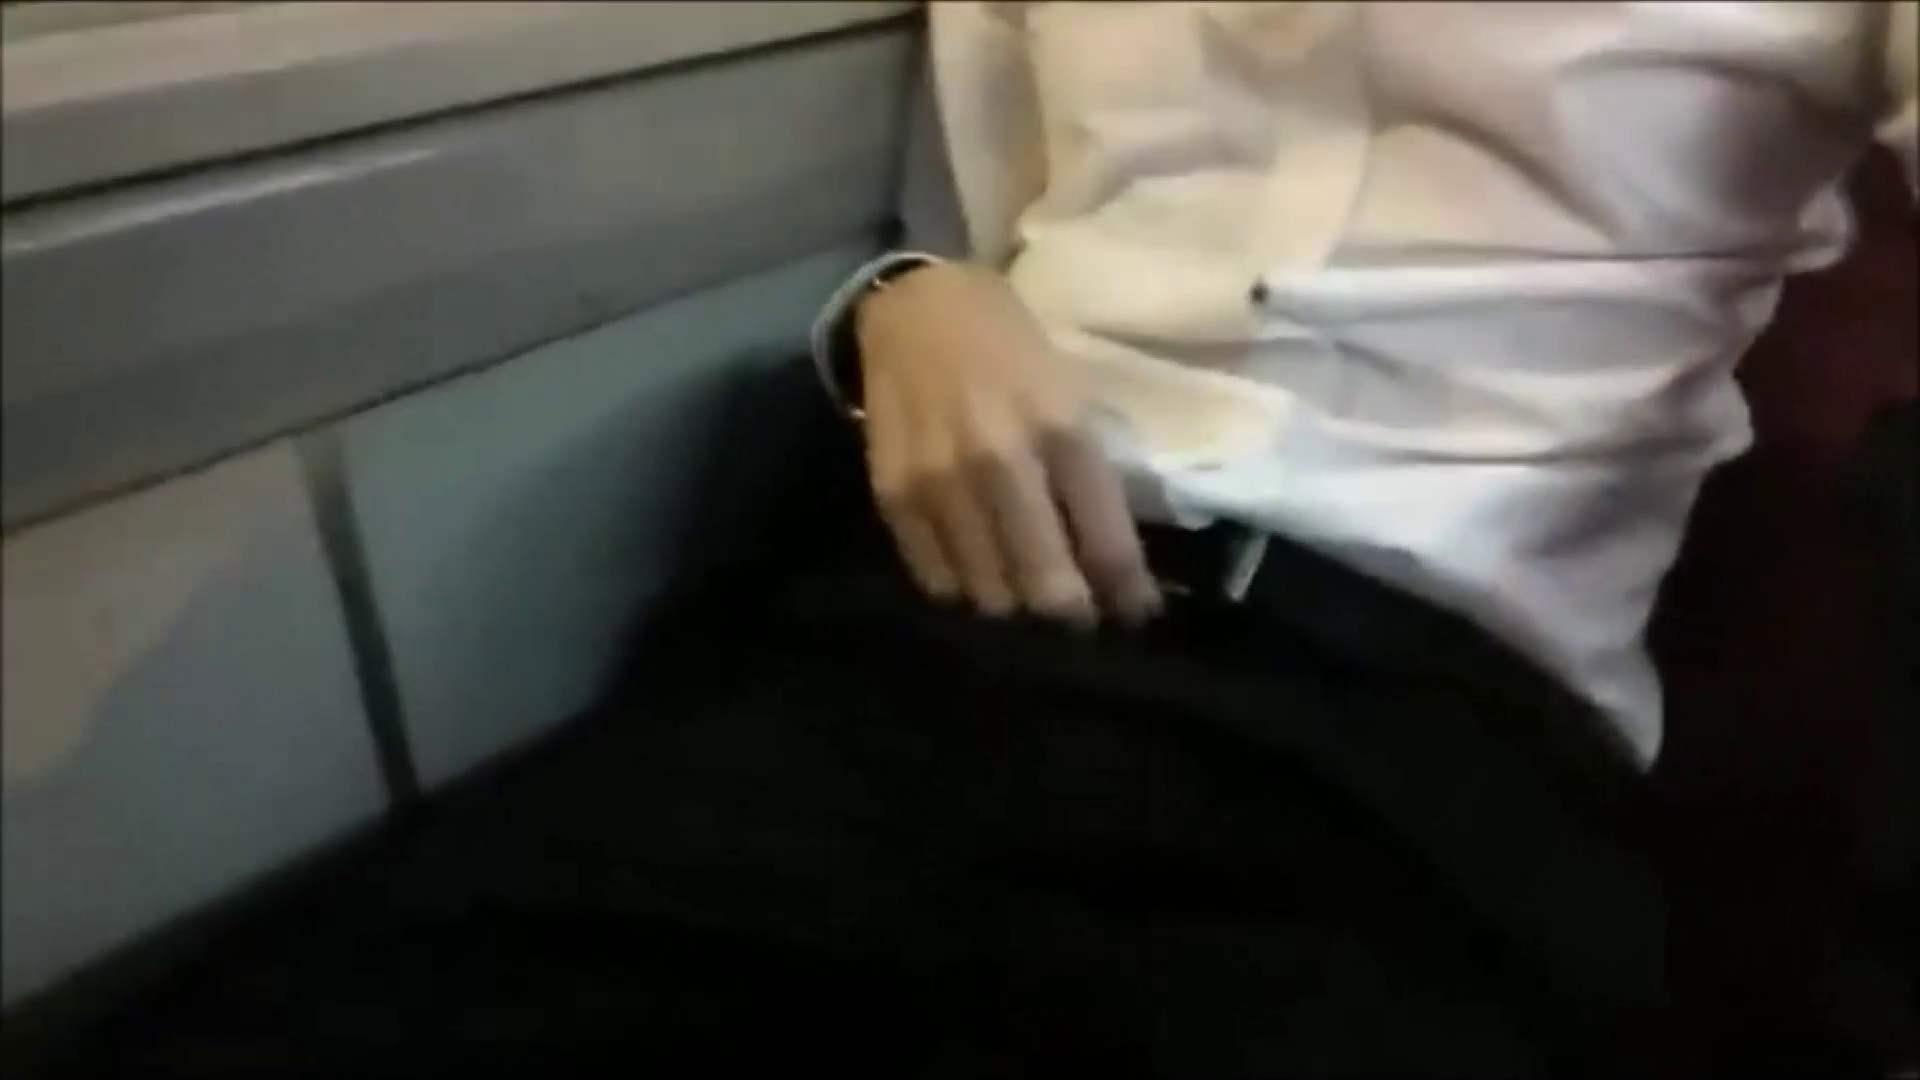 巨根 オナニー塾Vol.13 無修正 | 野外露出動画 エロビデオ紹介 81pic 4